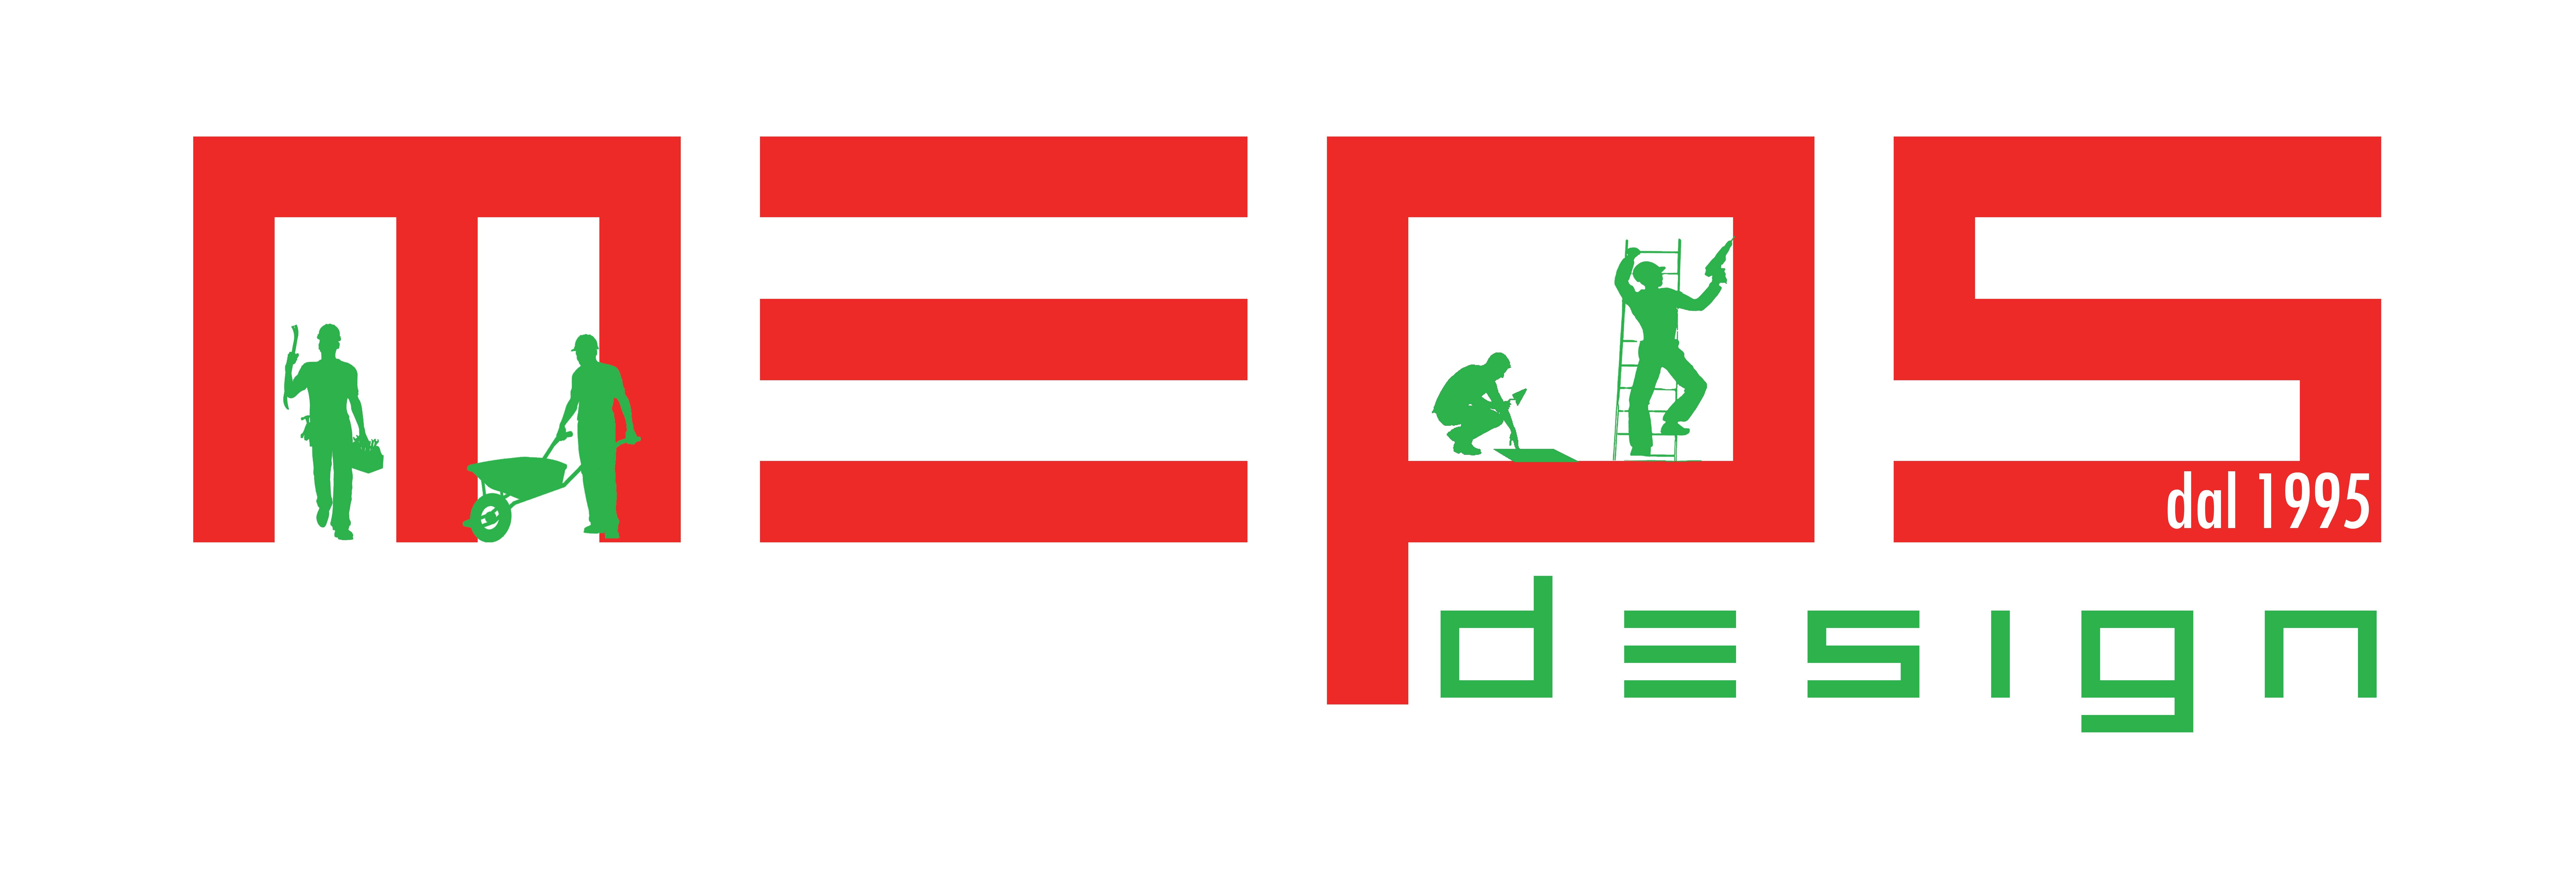 M.E.P.S. snc logo